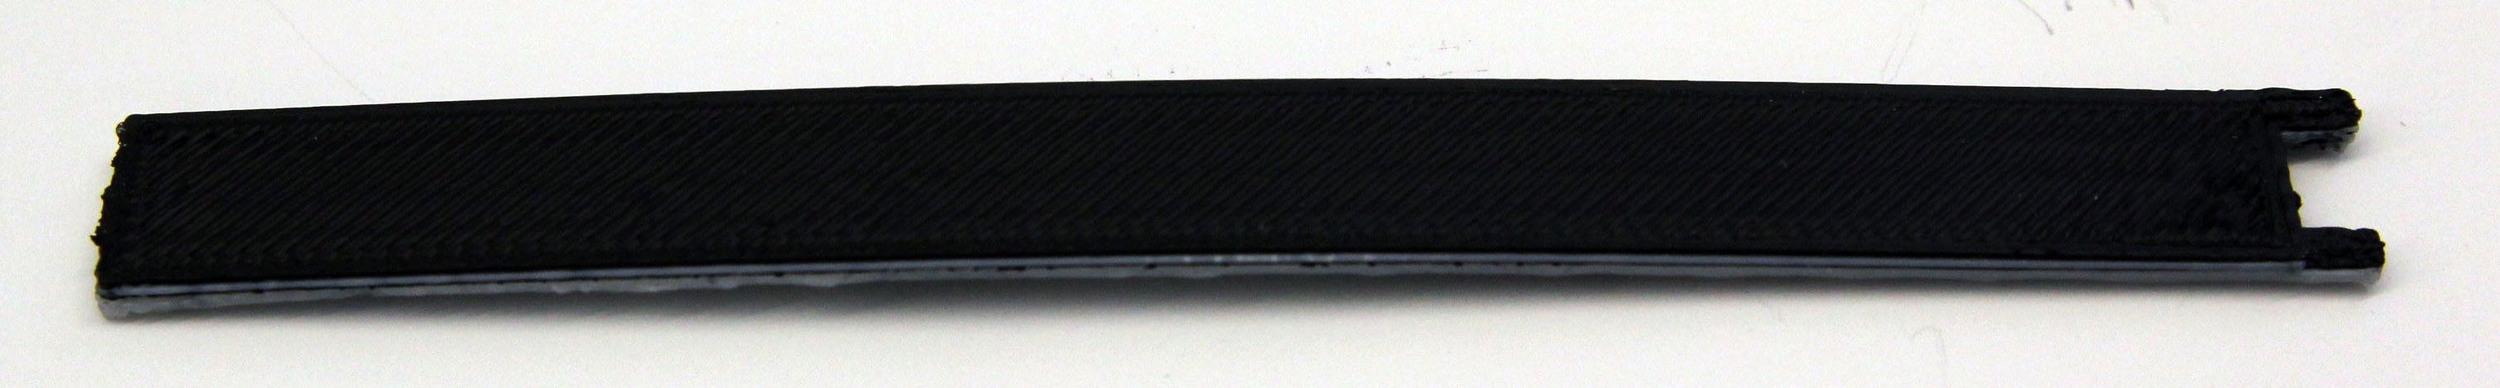 PrintPut (2015): 3D Printed Bend Sensor (Pressure Based)